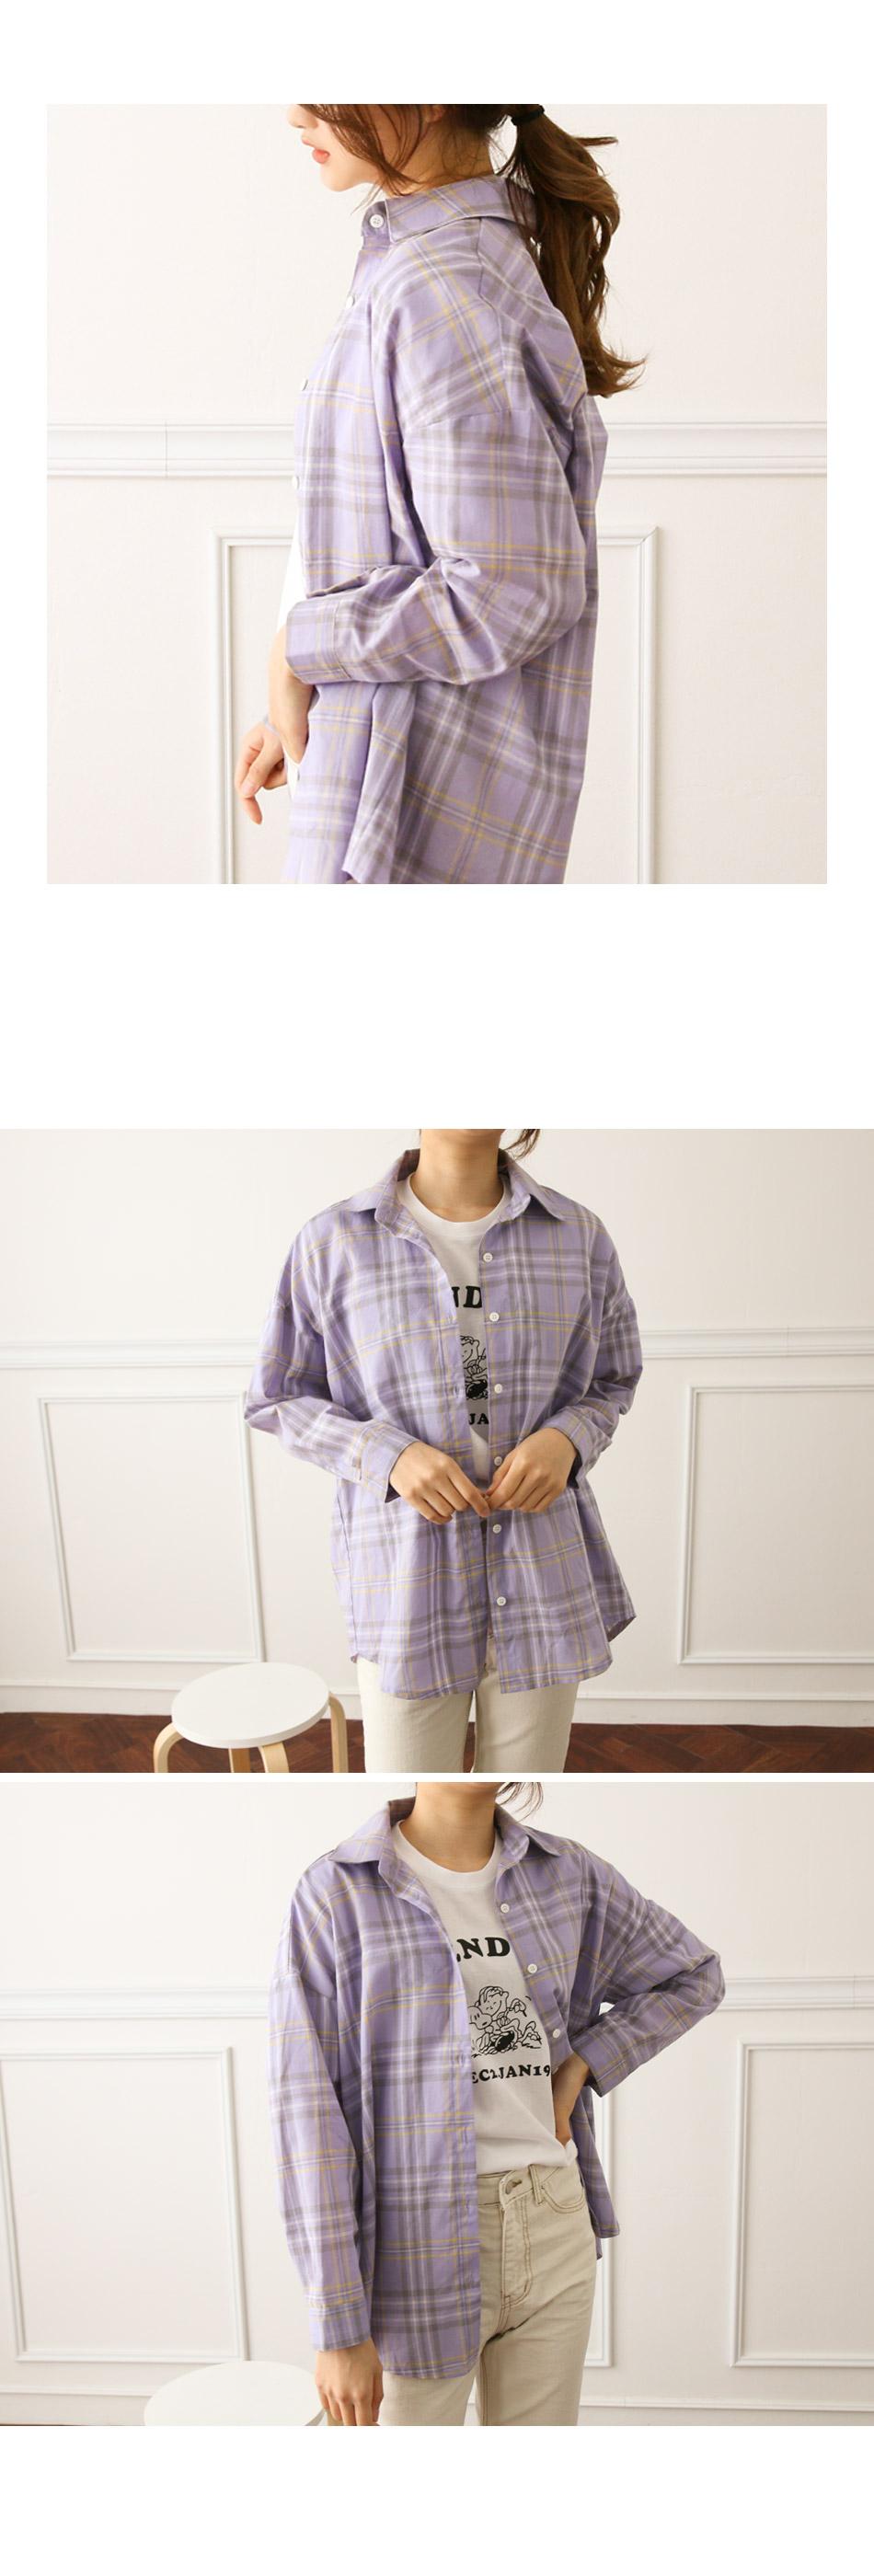 Perfume Check Shirt